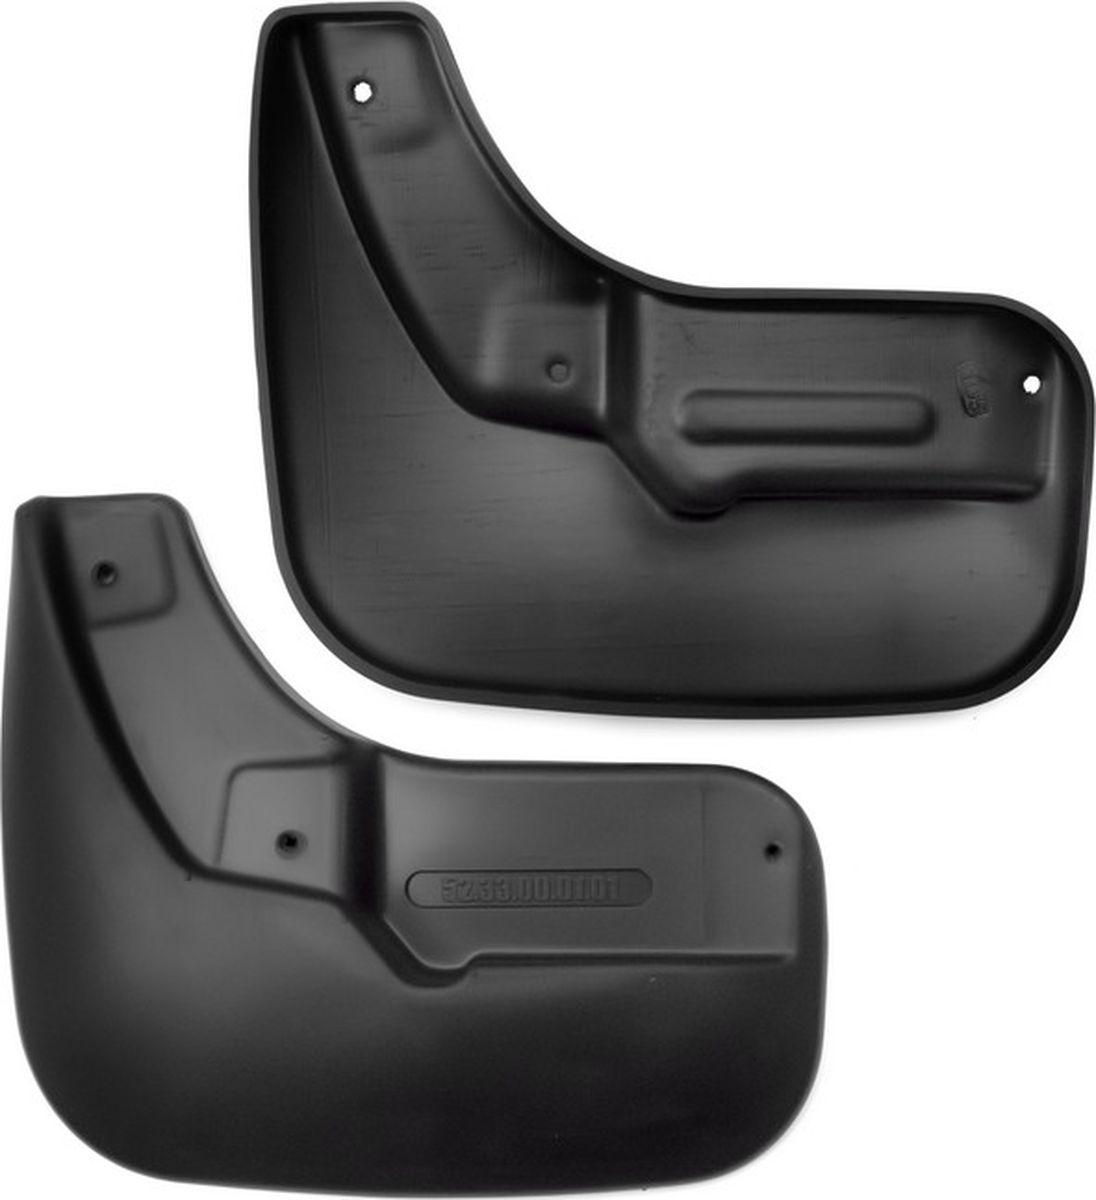 Фото - Комплект брызговиков передних Frosch для Lada Vesta седан, 2015-, 2 шт комплект брызговиков передних frosch для ford mondeo седан 2015 2 шт